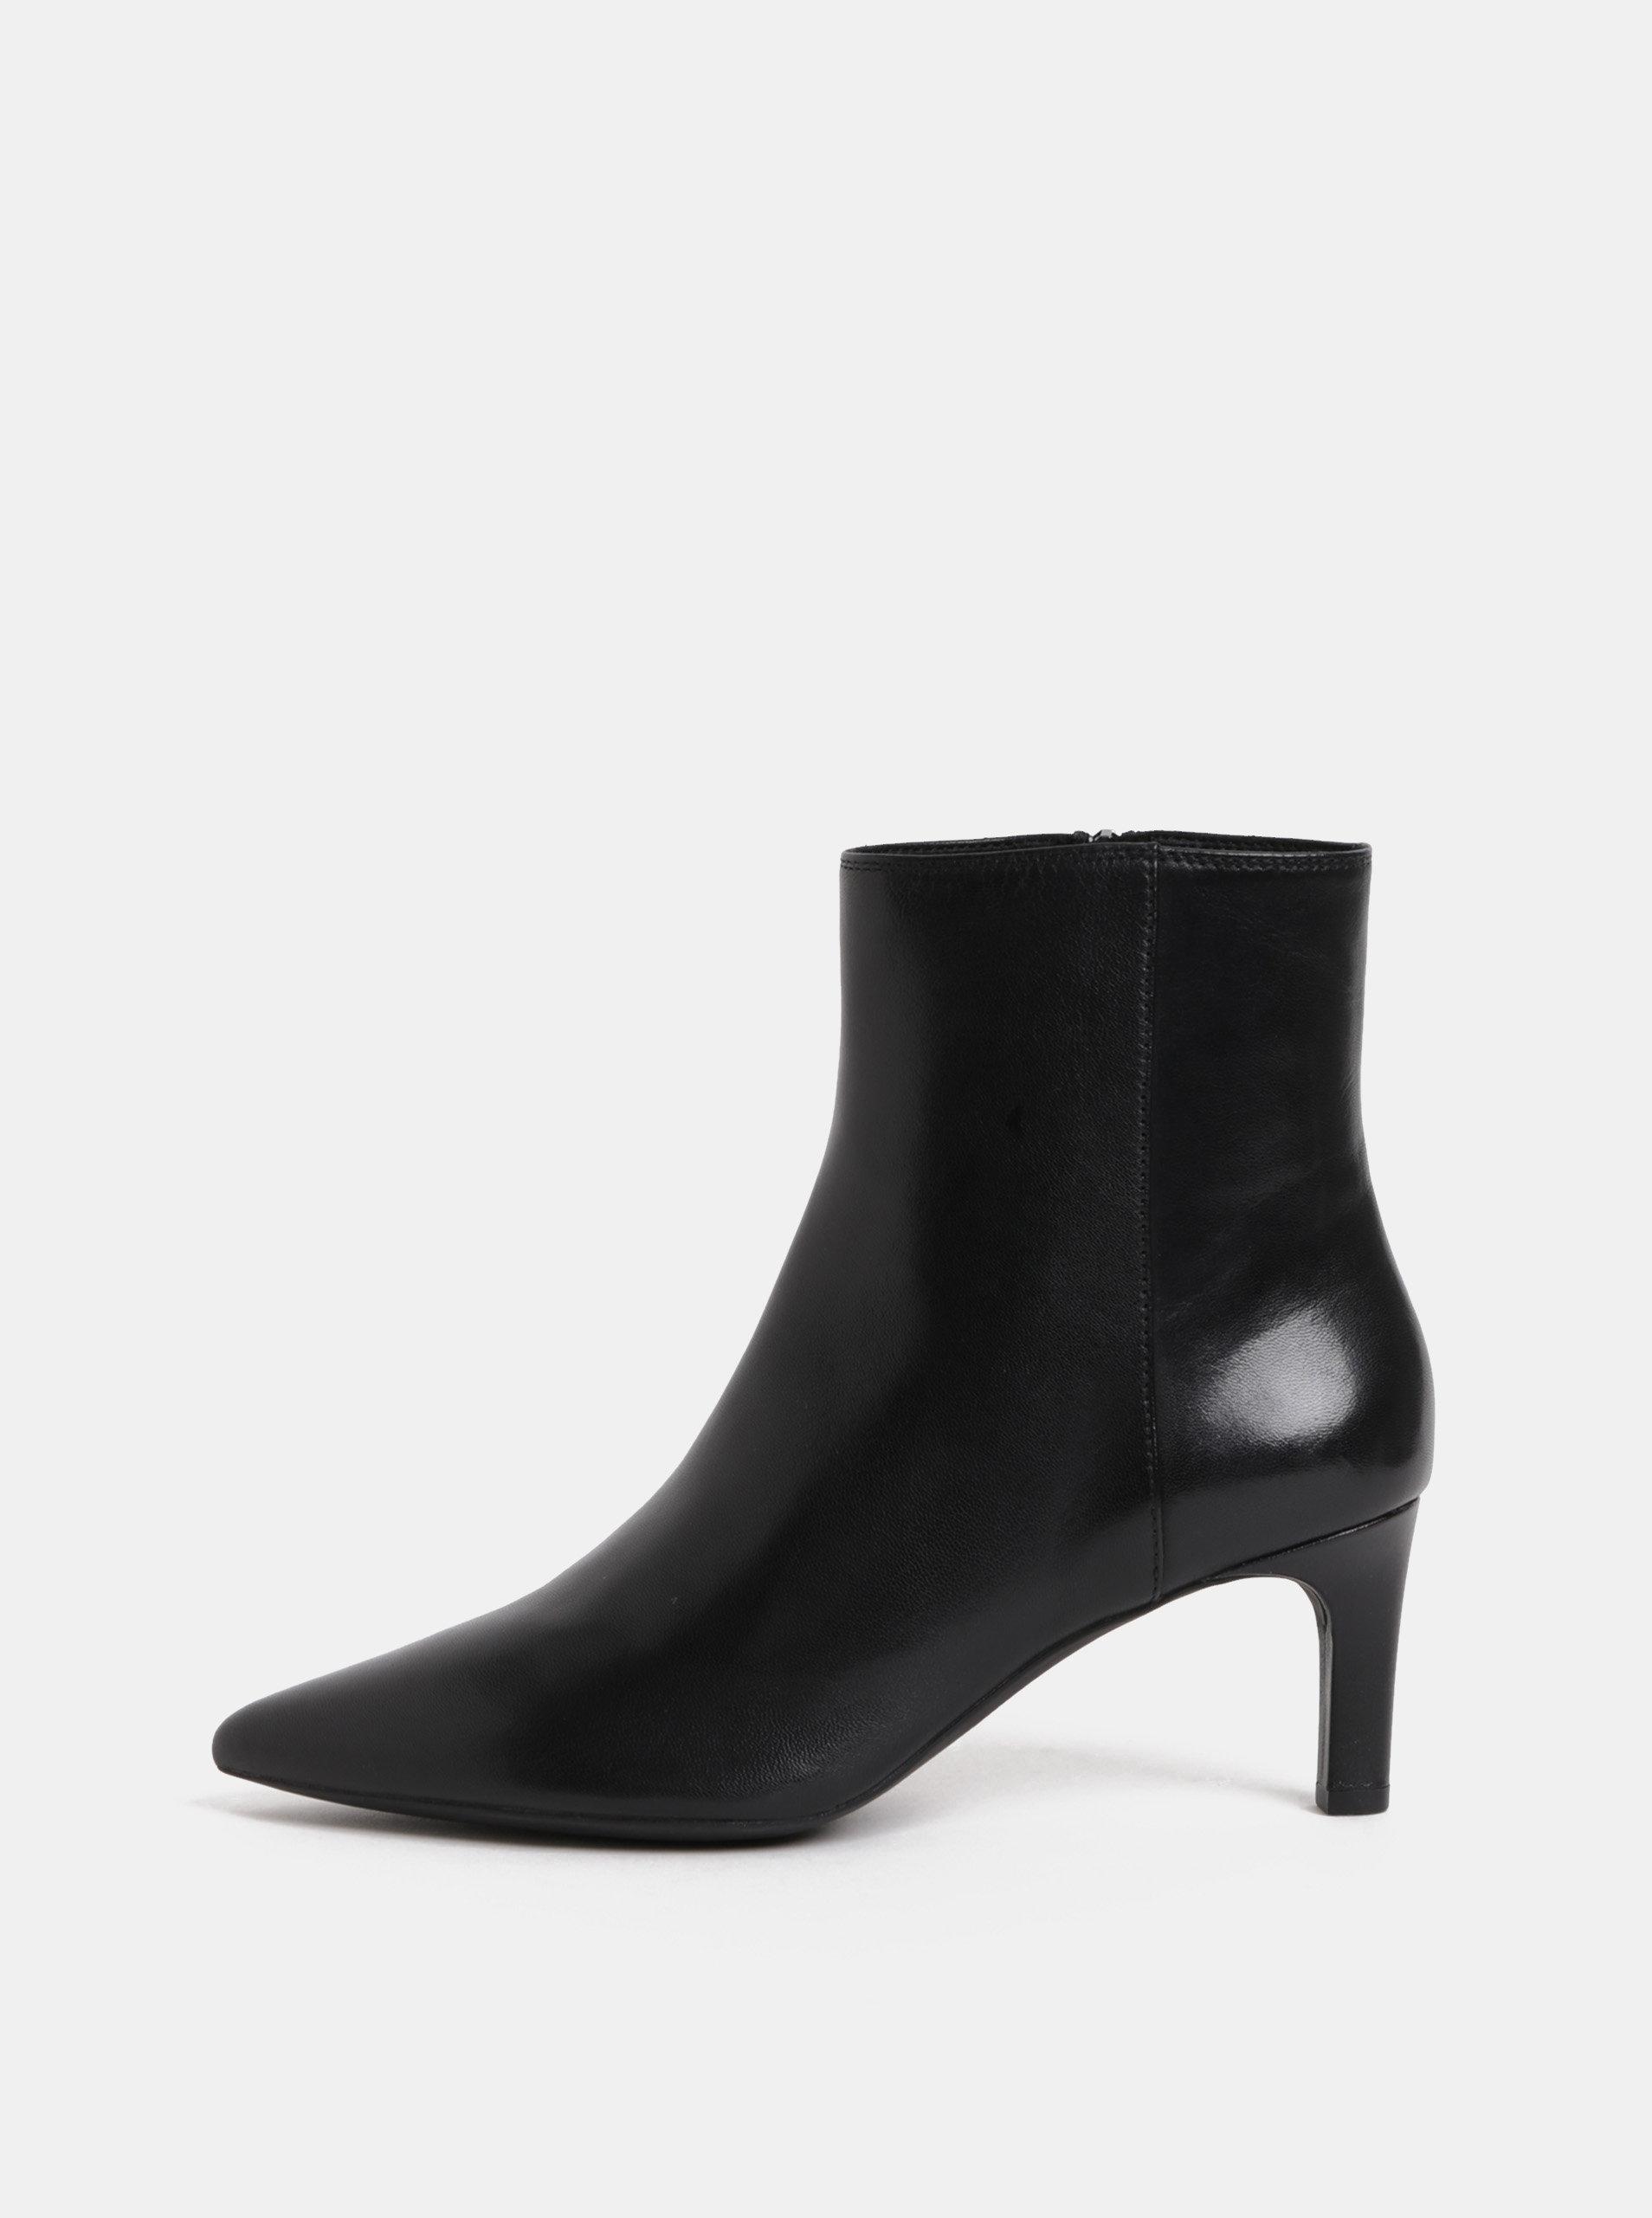 94ecdbc9a40 Černé dámské kožené kotníkové boty na úzkém podpatku Geox Bibbiana ...